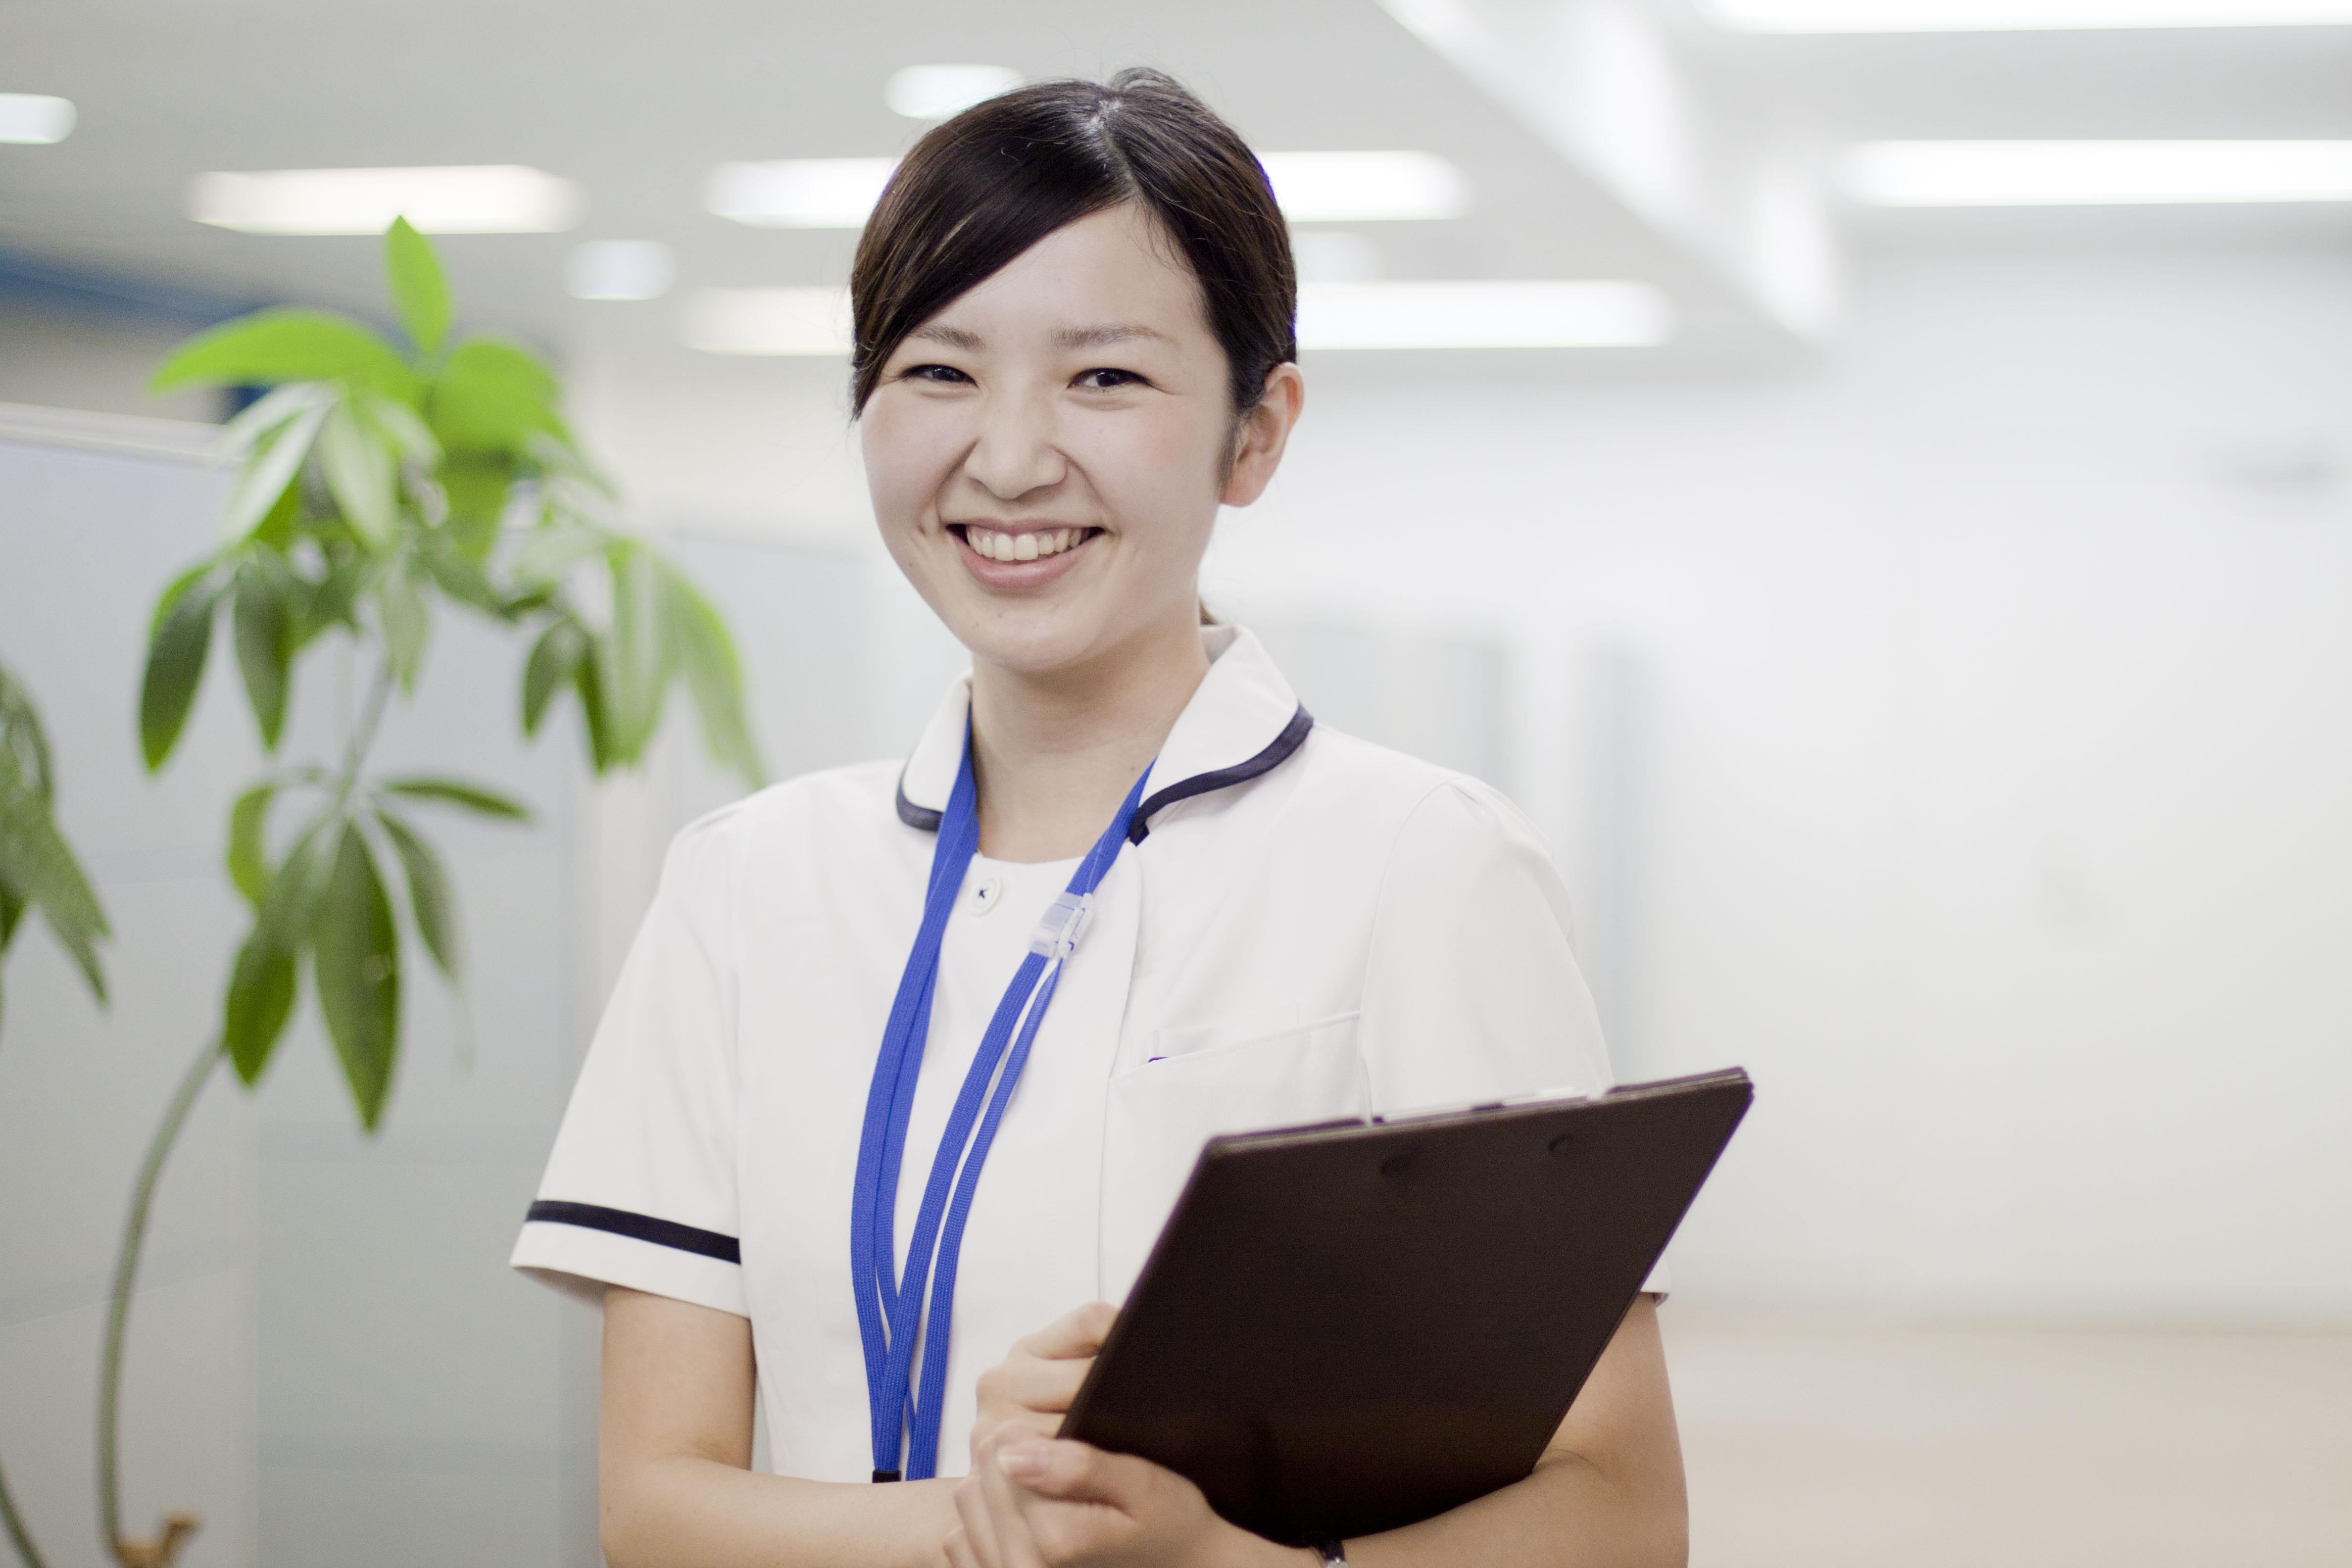 【施設名:武田薬品工業の事業所内保育室(看護師/正社員)】